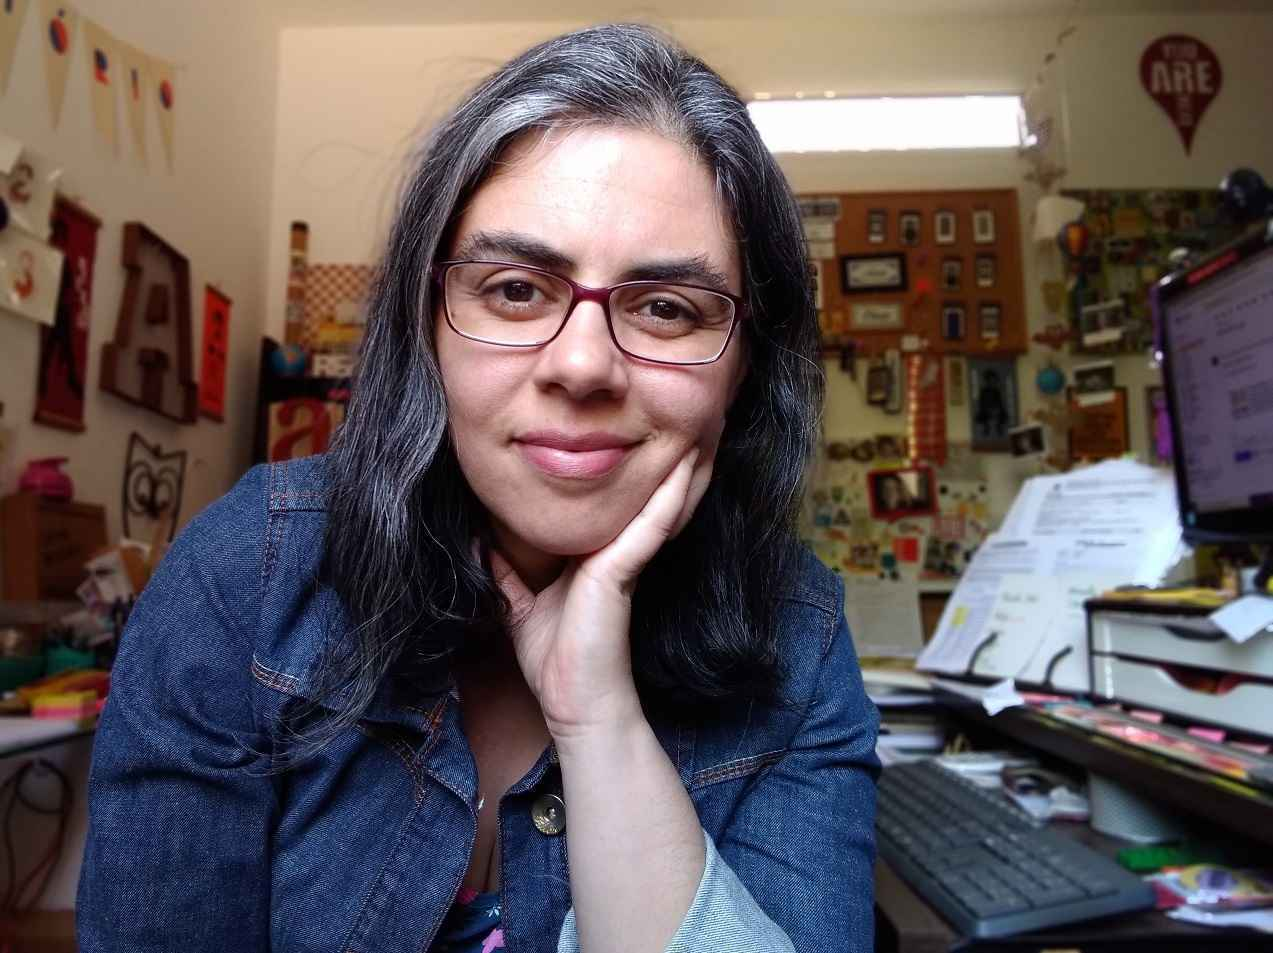 Professora pesquisa sobre a história da edição no Brasil, especialmente a trajetória das mulheres